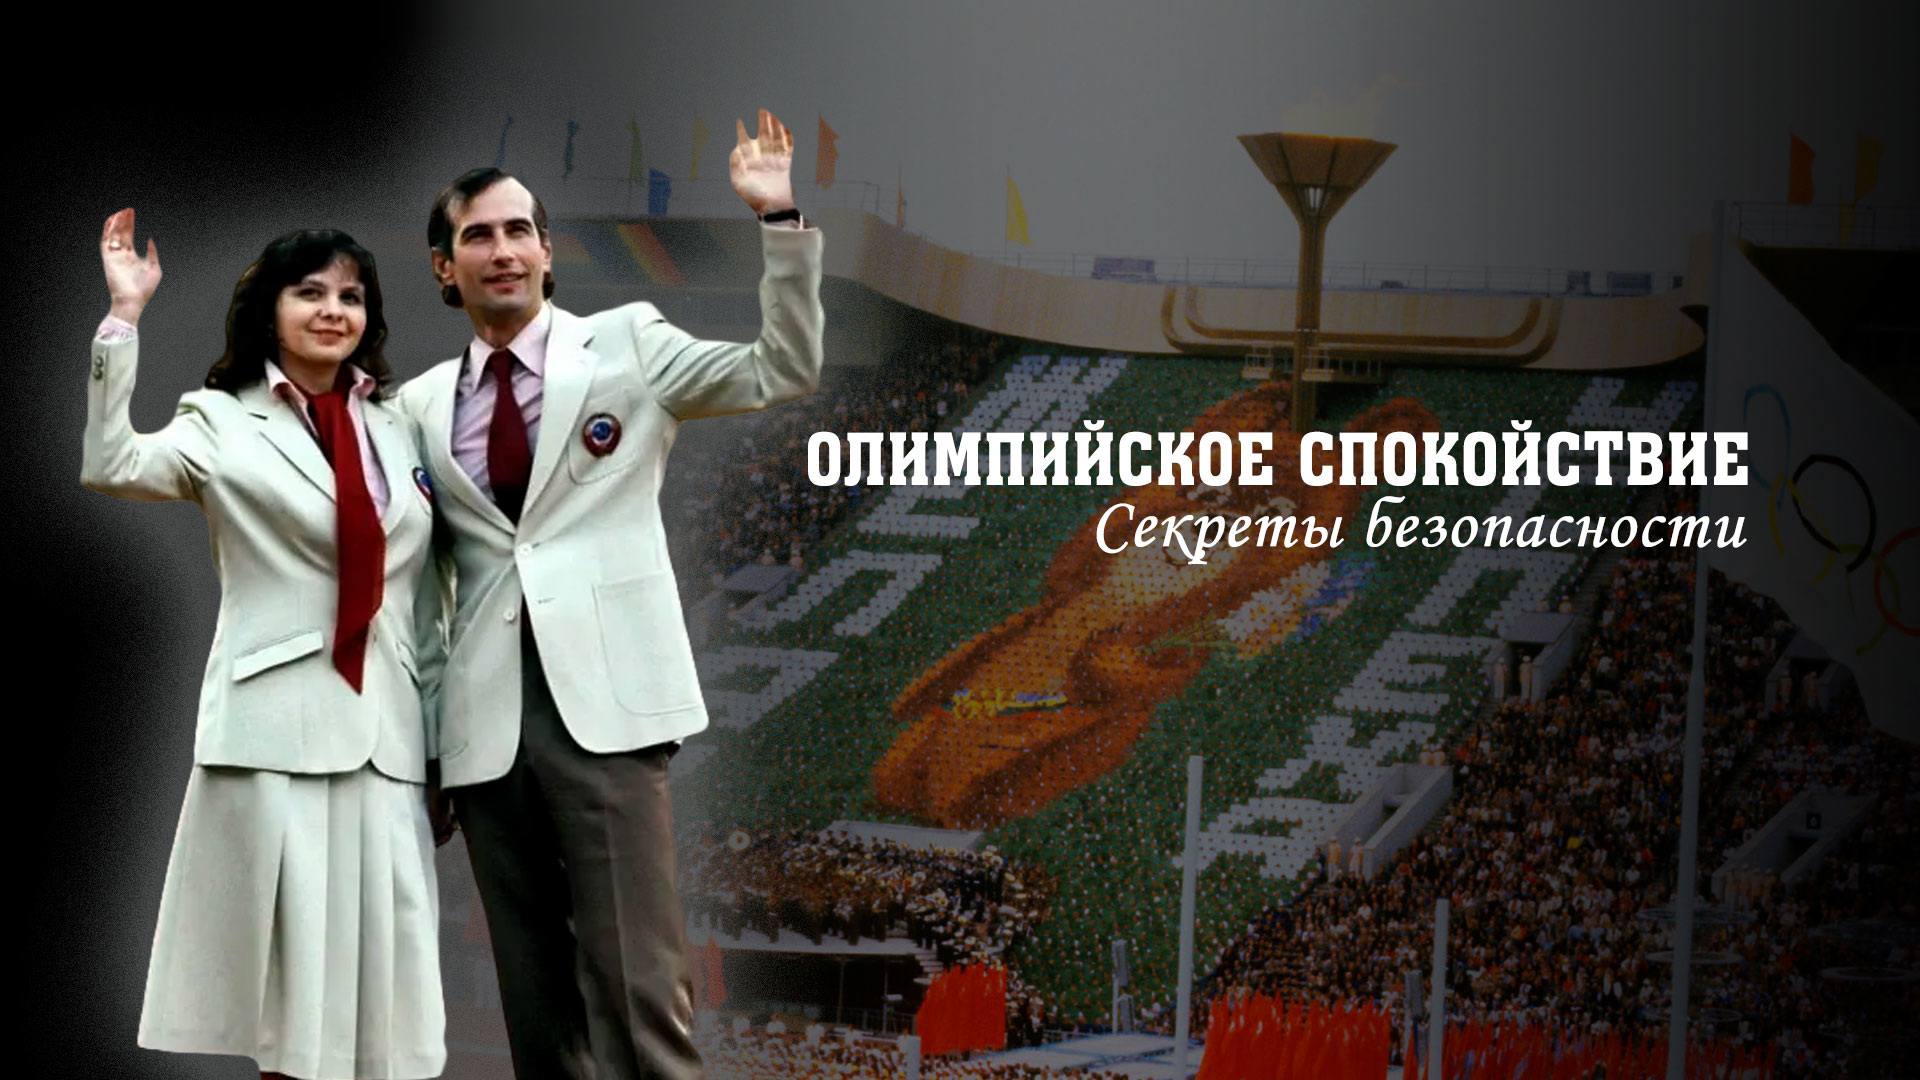 Олимпийское спокойствие. Секреты безопасности